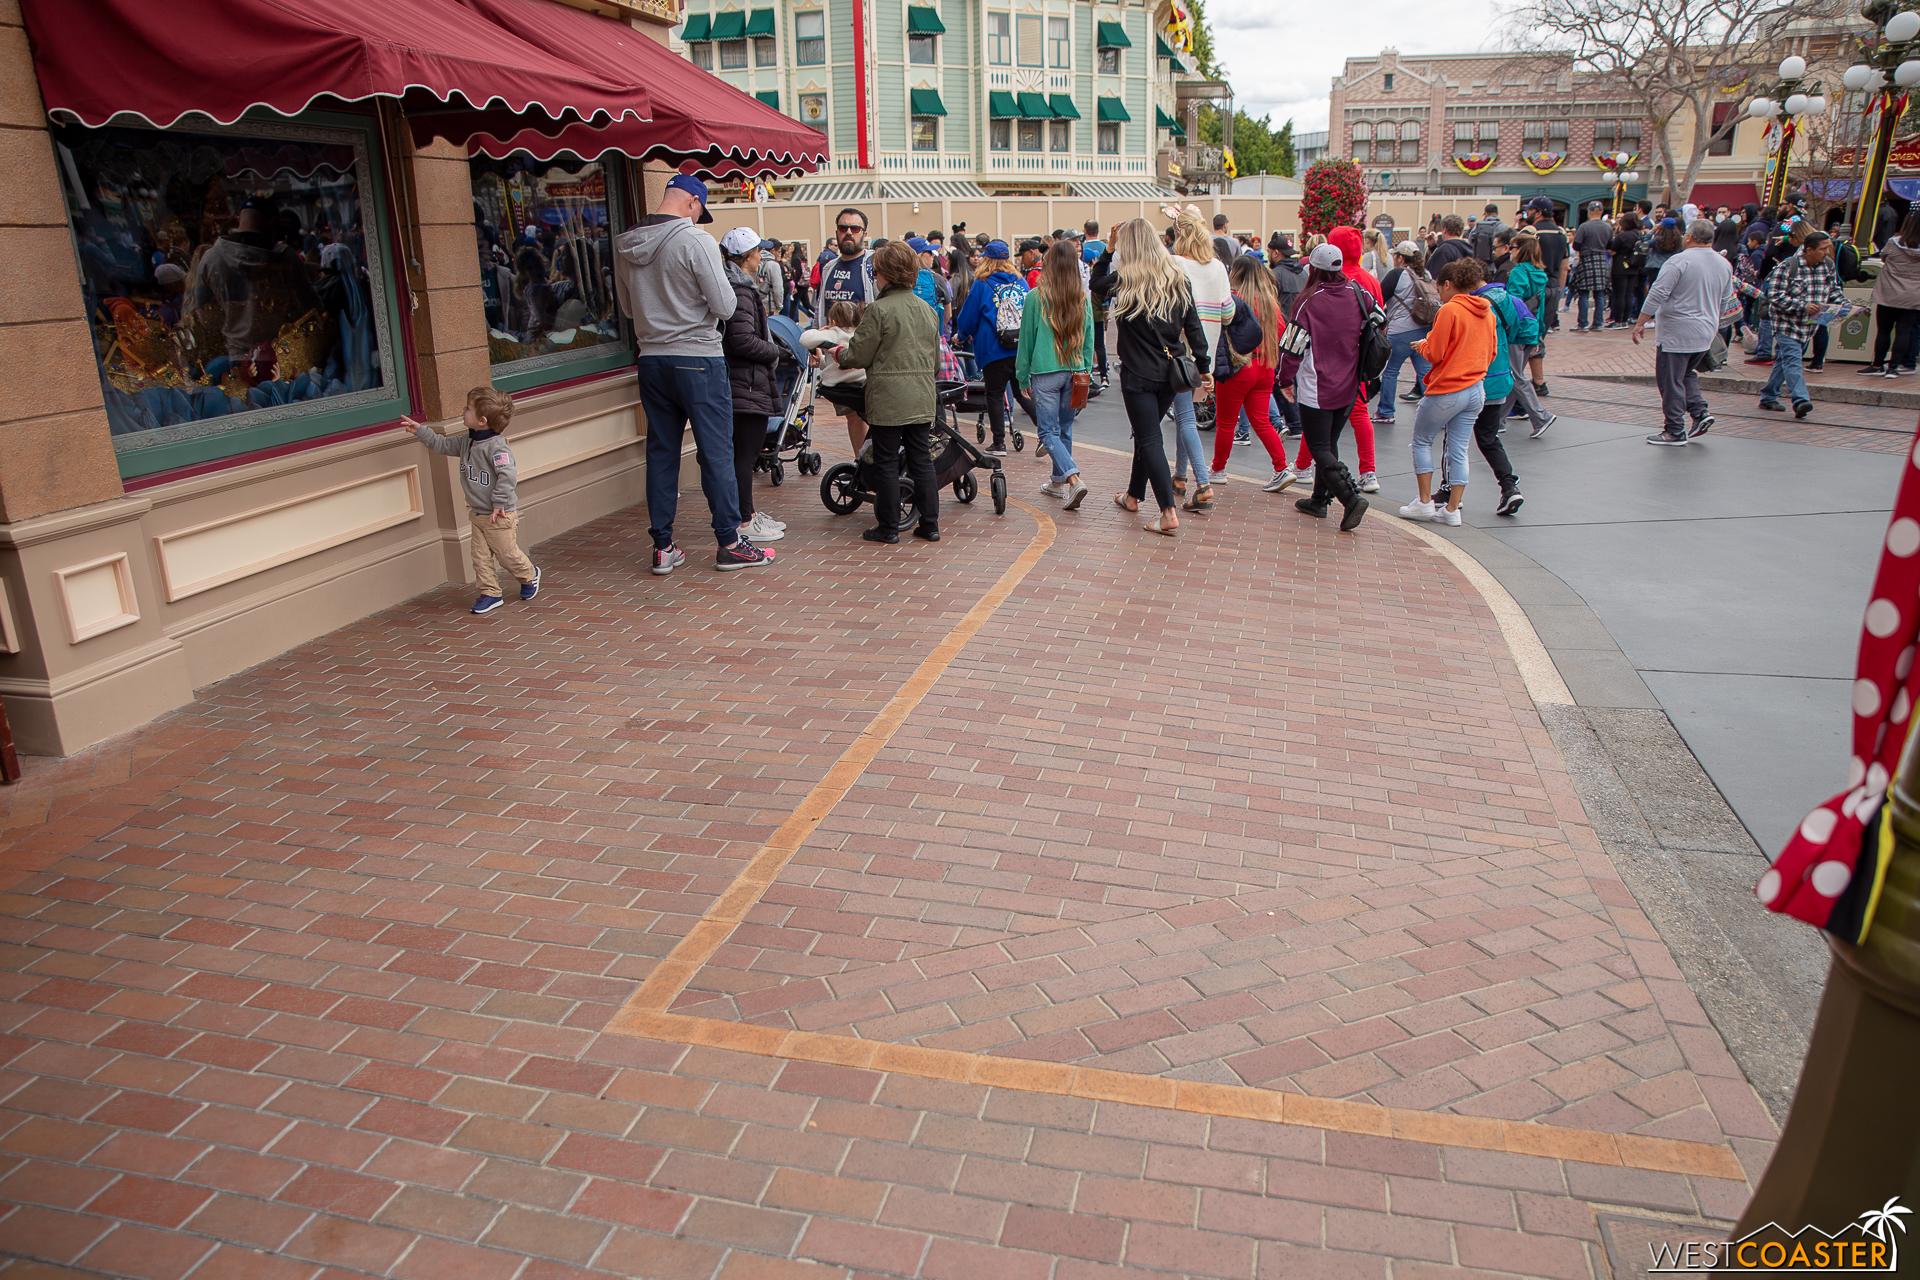 Westcoaster Disneyland Update 2-19-48.jpg